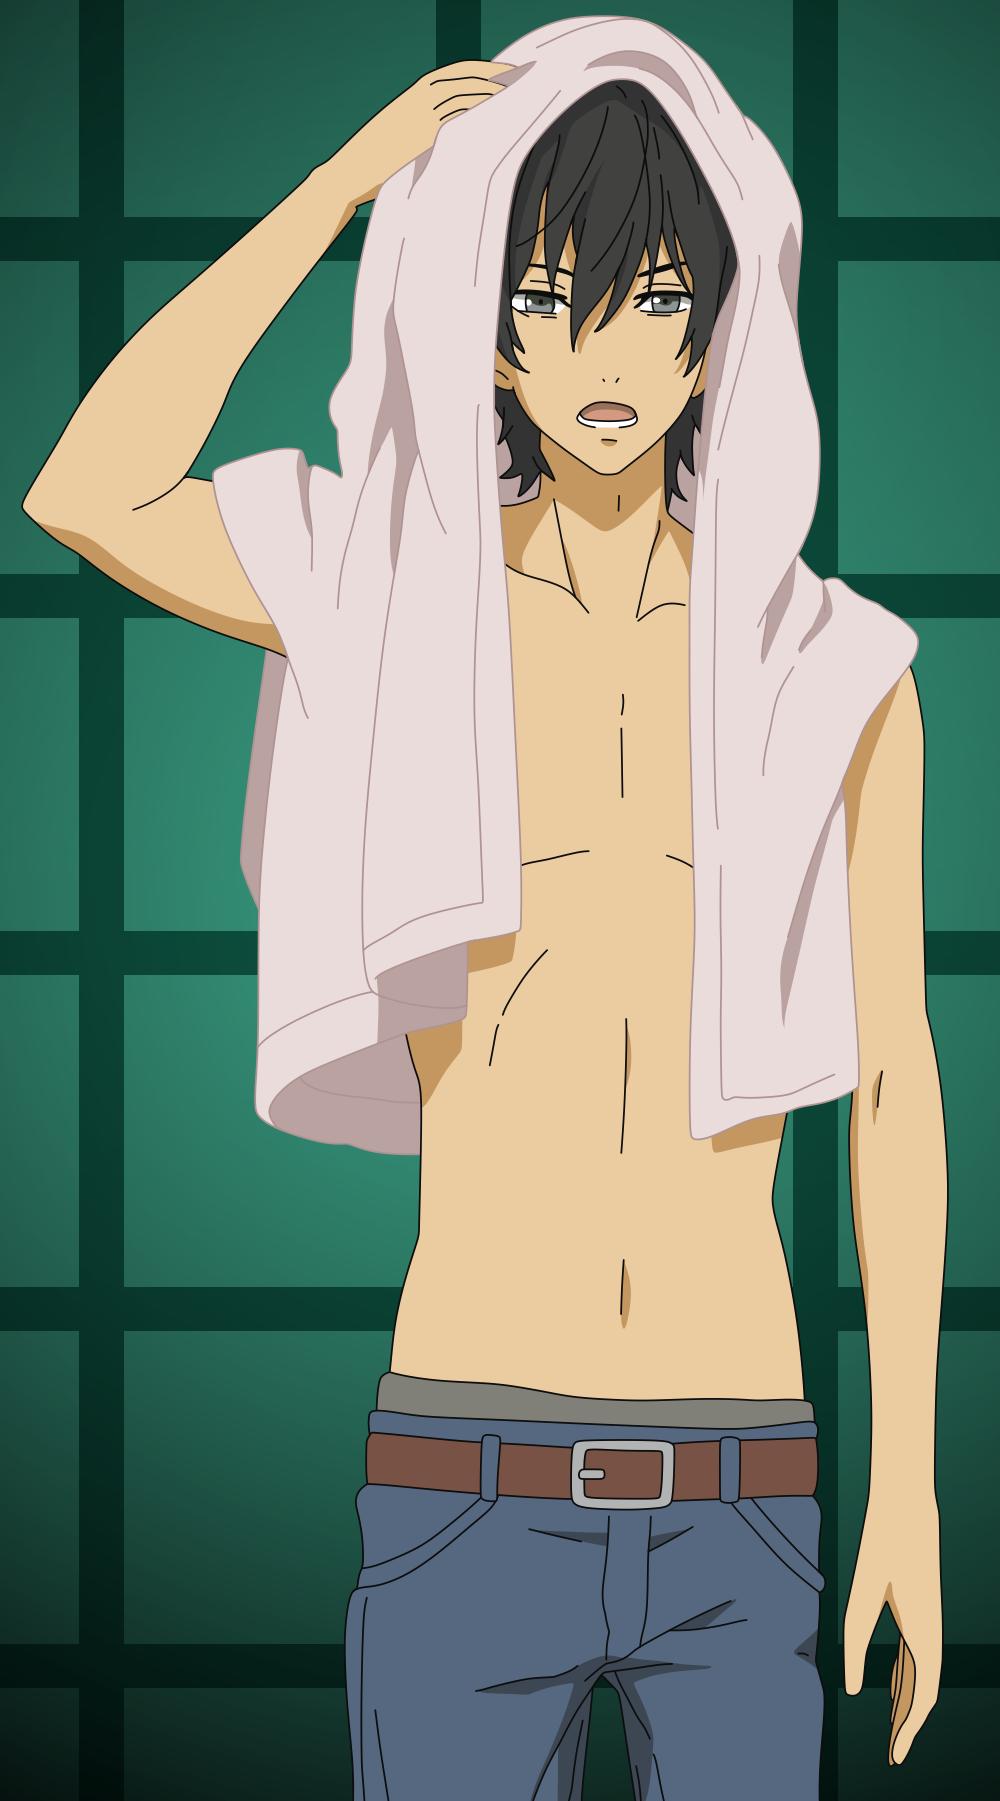 yoshida haru | yoshida haru <3 - my little monster | pinterest | anime